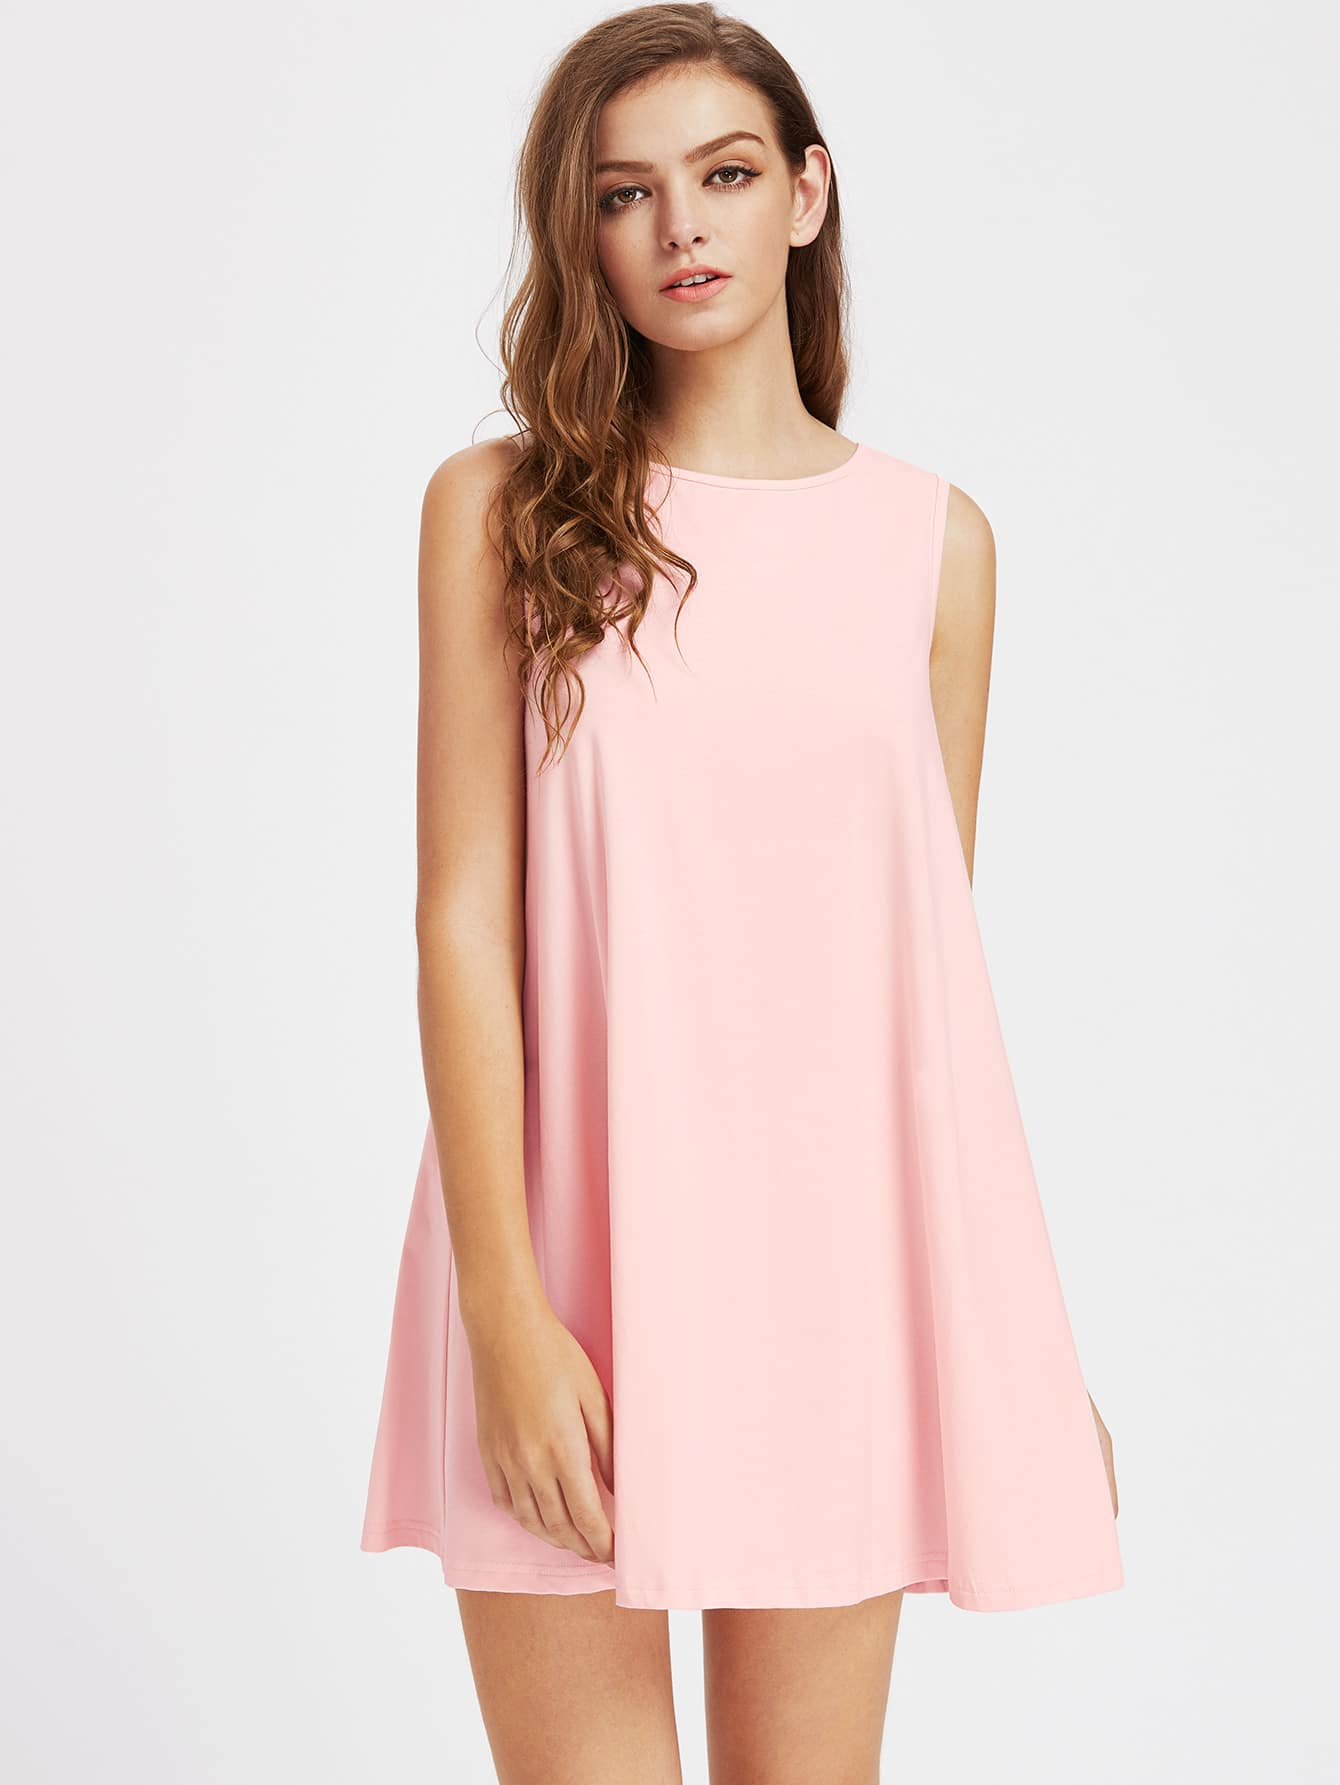 V Notch Tie Back Trapeze Dress dress170515705